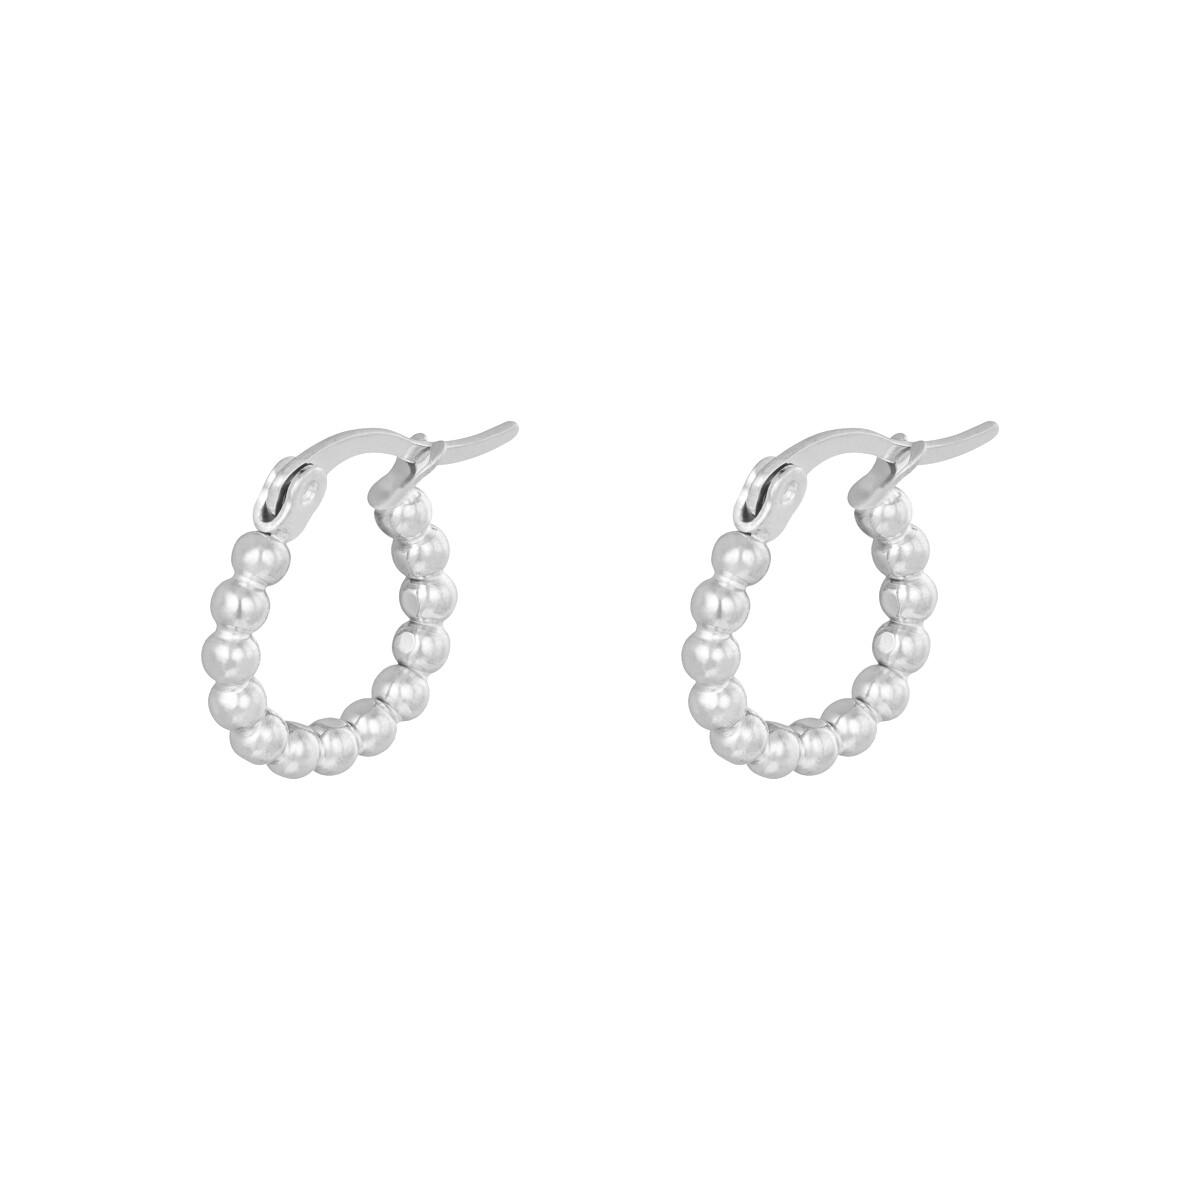 Beads oorringetjes zilver 15mm stainless steel